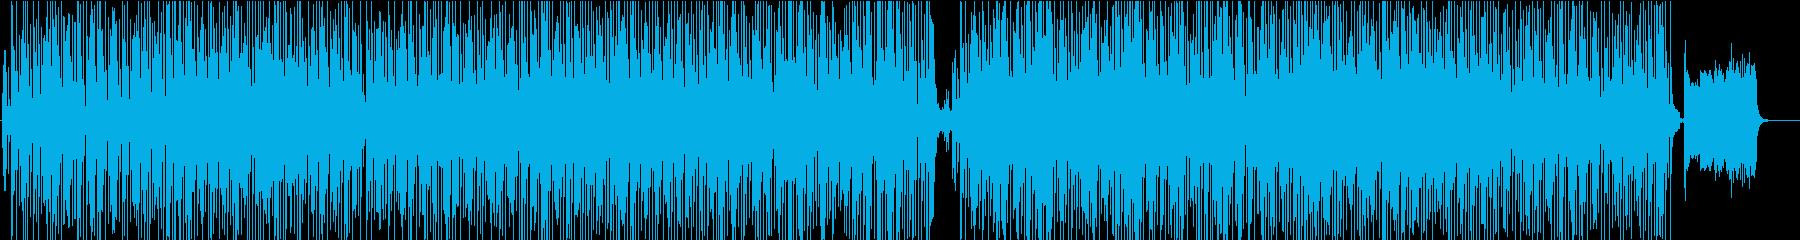 三味線と箏と笛を使った大人っぽい和風曲の再生済みの波形